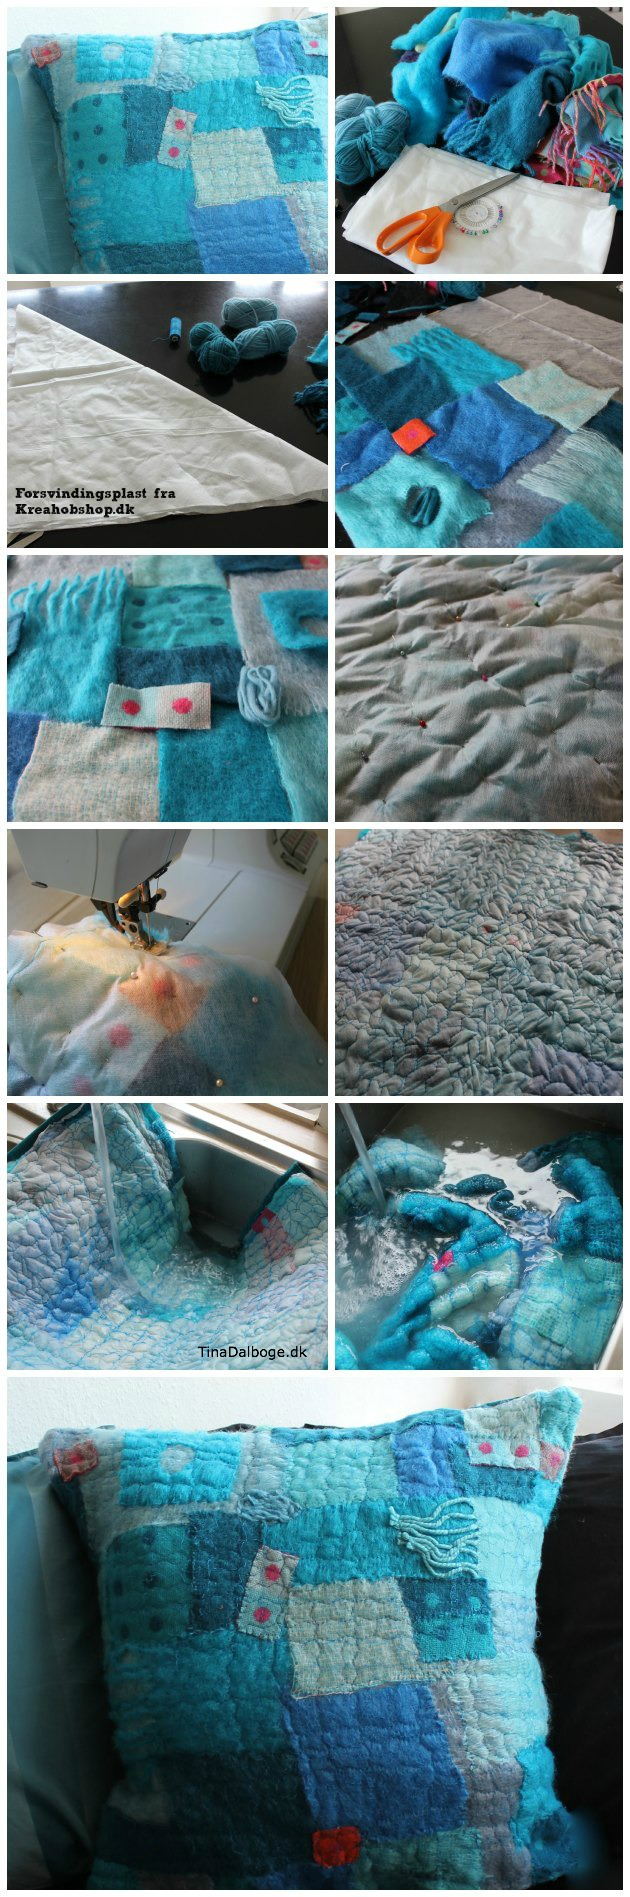 Ide med pude syet af stof - uld og garn syet sammen med forsvindingsplast VILENE fra Tina Dalbøges Kreahobshop.dk